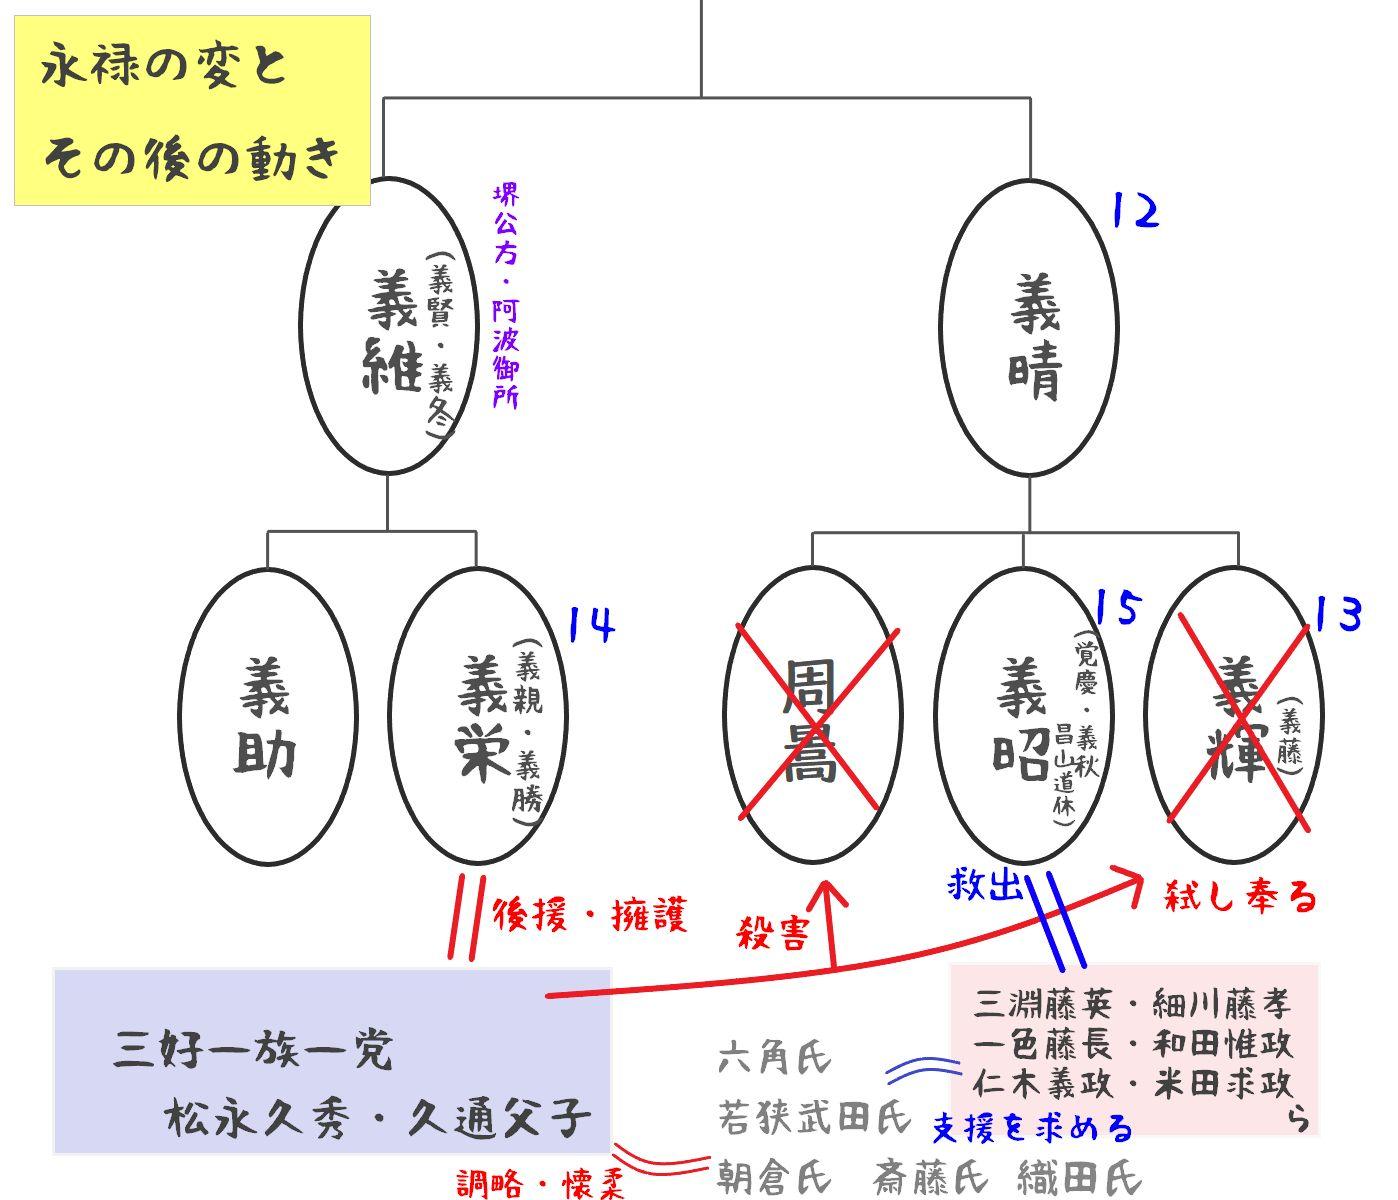 足利家家系図07